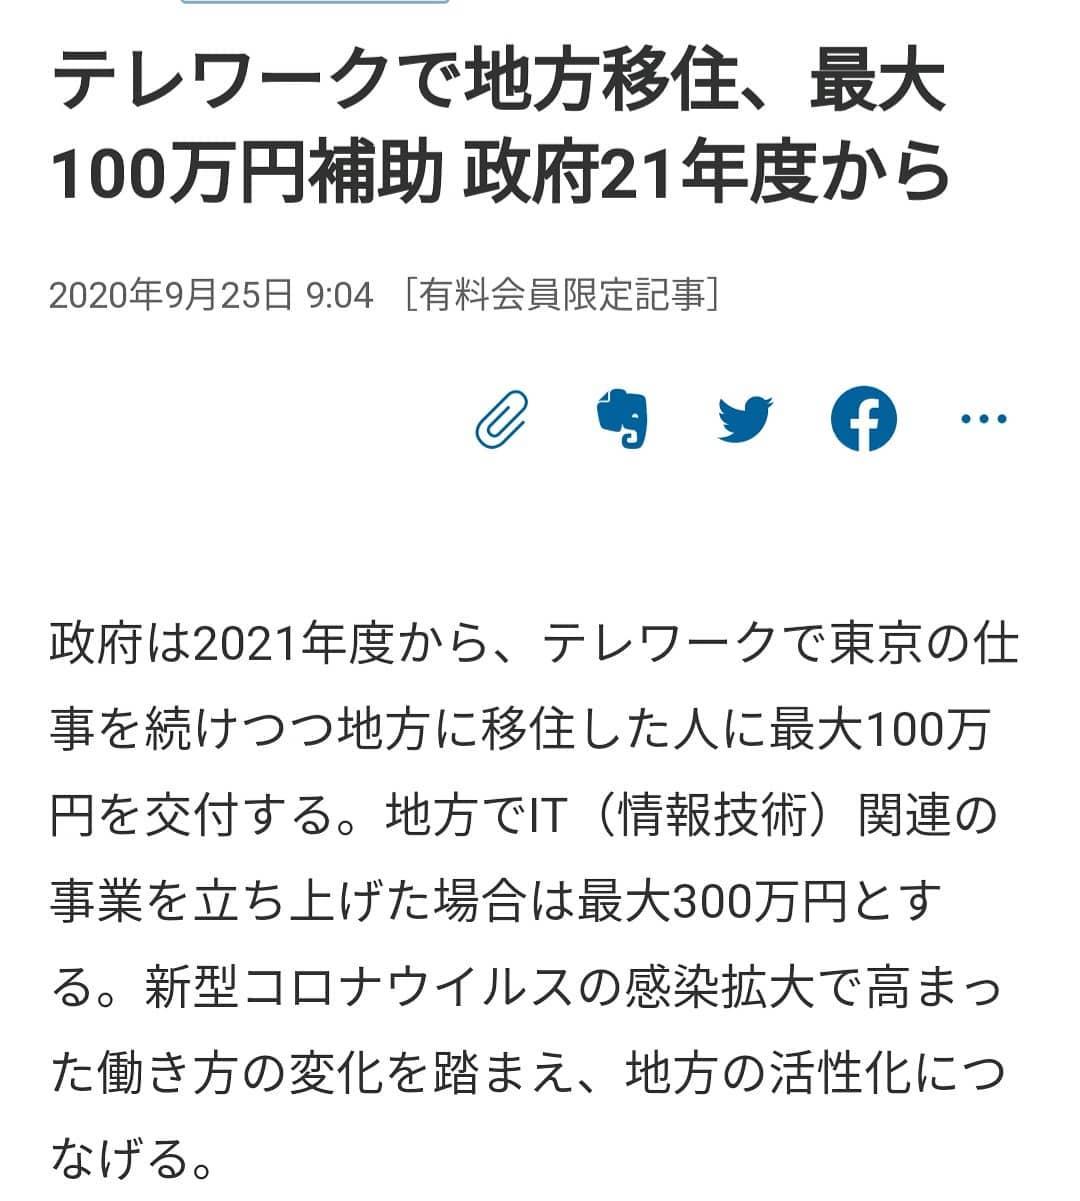 【移住100万円!】東京の仕事を続けつつ地方に移住した人に100万円を交付する(日経新聞)ぜひ、桑折町も選択肢の一つに!移住者に優しい町ですよ。